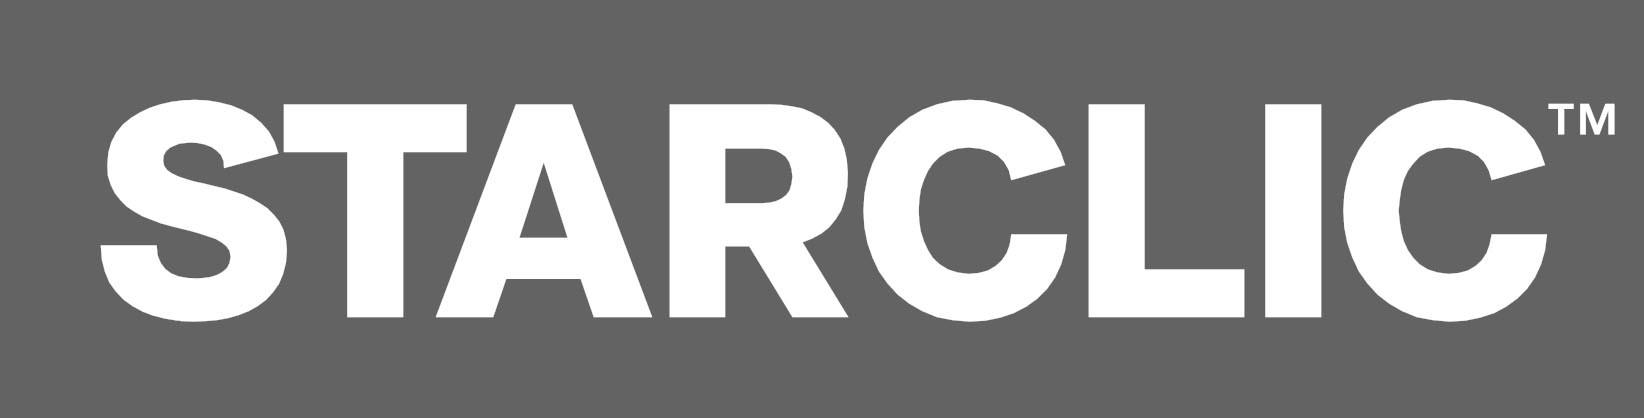 Basico + StarClic